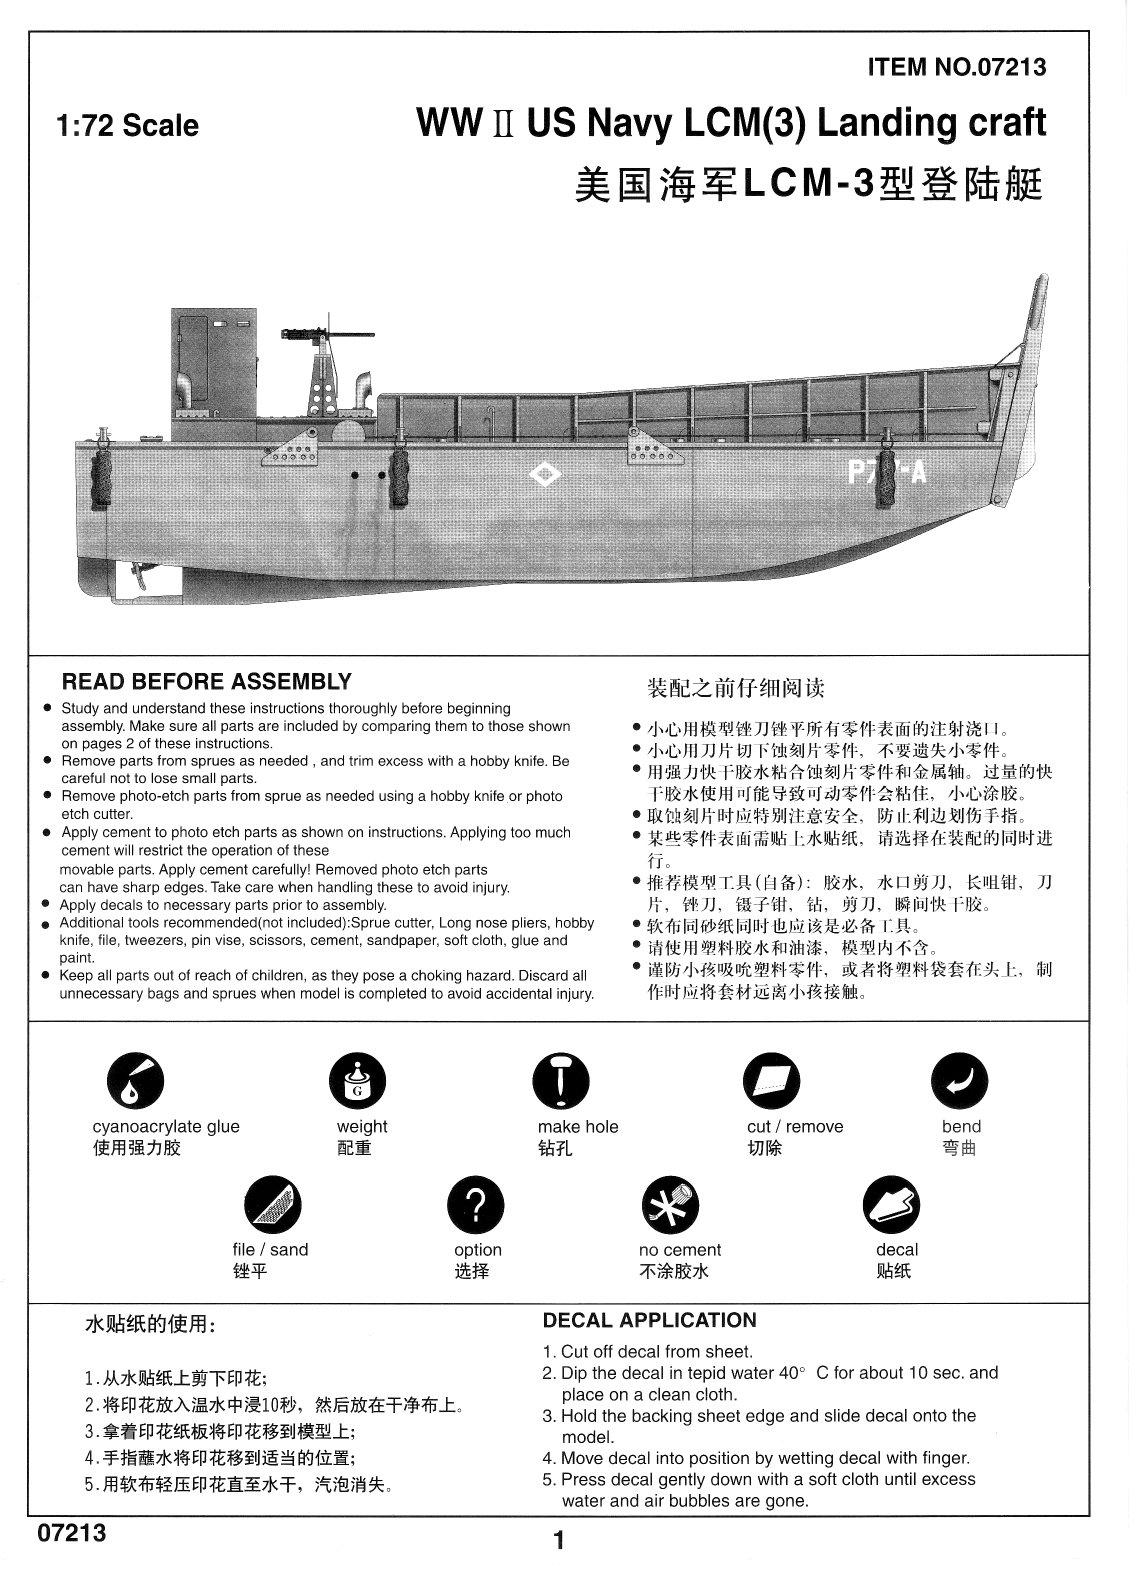 Trumpeter Ww2 Lcm 3 Usn Vehicle Landing Craft Kit No 07213